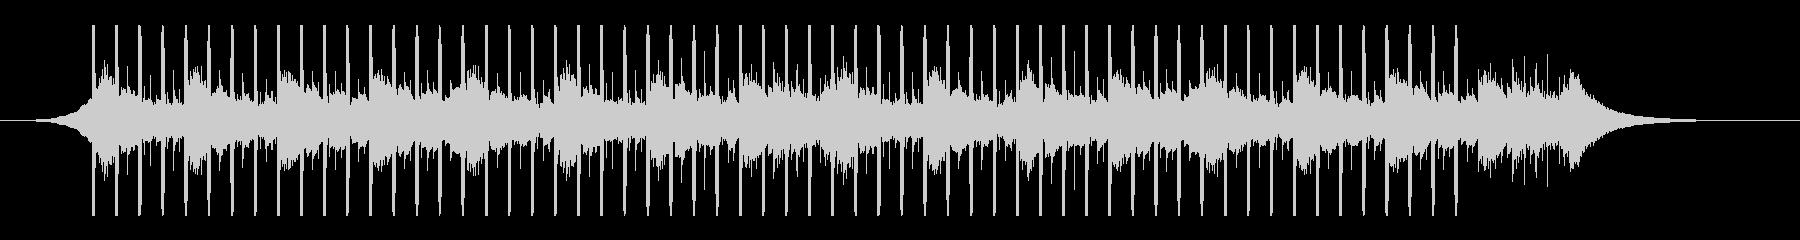 インタビュー(40秒)の未再生の波形